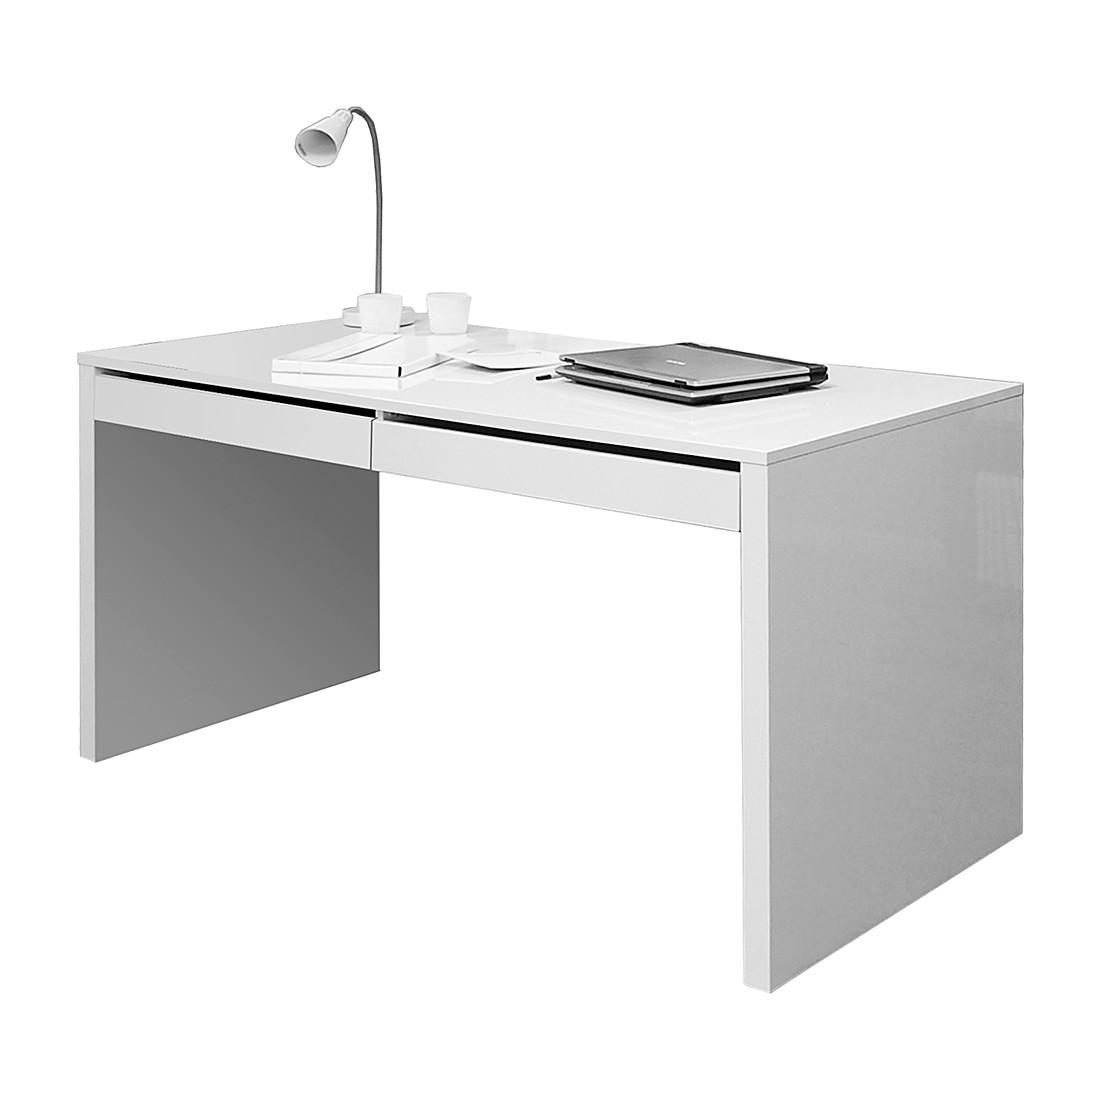 schreibtisch takoradi hochglanz wei mit zwei. Black Bedroom Furniture Sets. Home Design Ideas